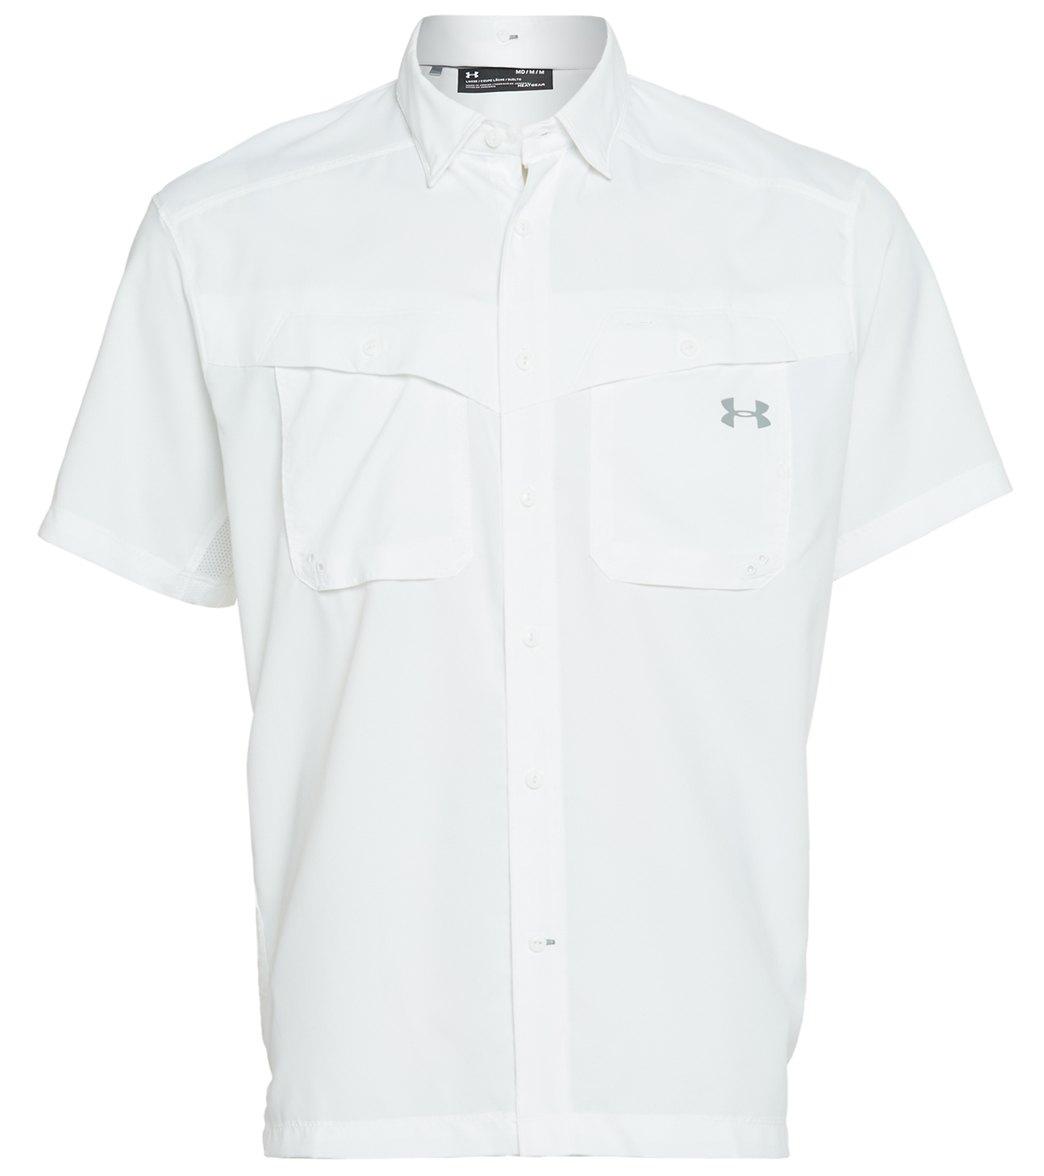 fe603cd0 Under Armour Men's Tide Chaser Short Sleeve Shirt